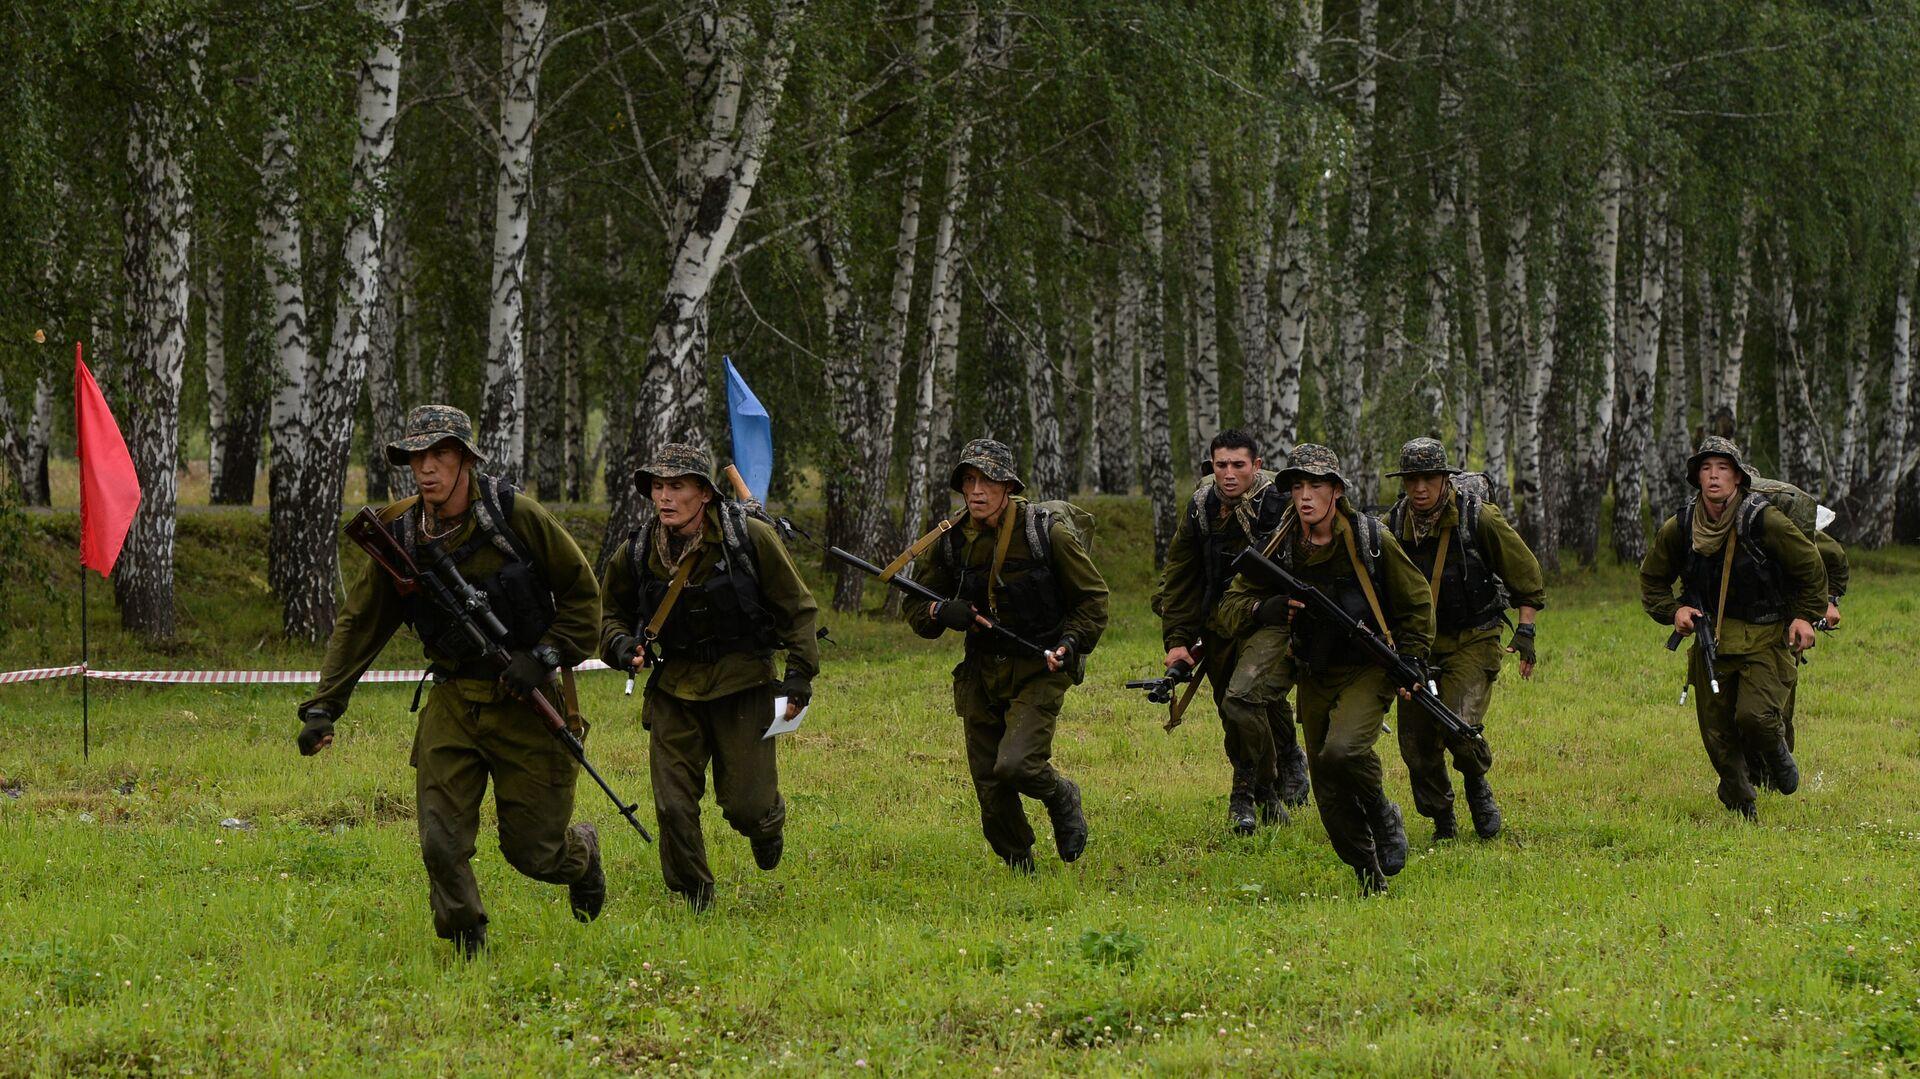 Военнослужащие вооруженных сил Узбекистана во время финиша первого этапа Десантирование, совершение марш-броска - Sputnik Узбекистан, 1920, 06.07.2021